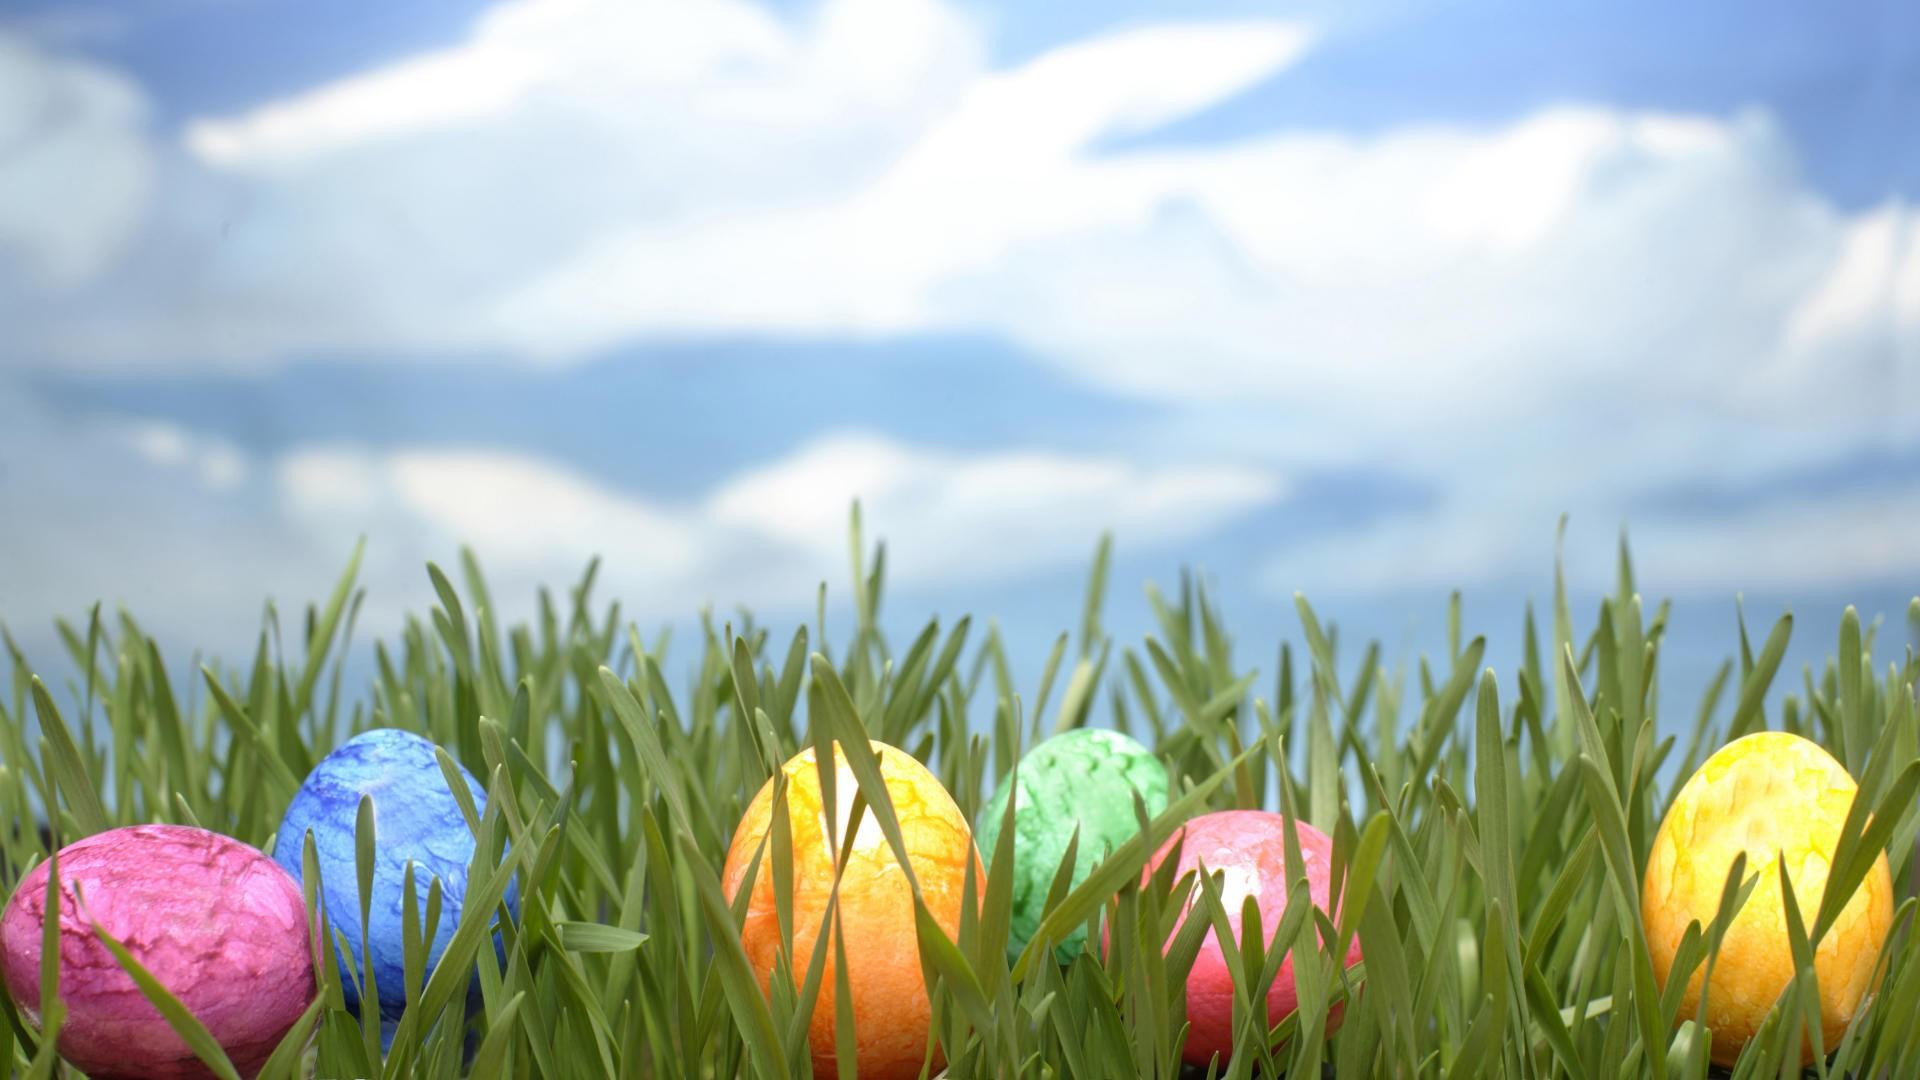 Spring Easter Wallpaper 1920x1080 Spring Easter Eggs 1920x1080